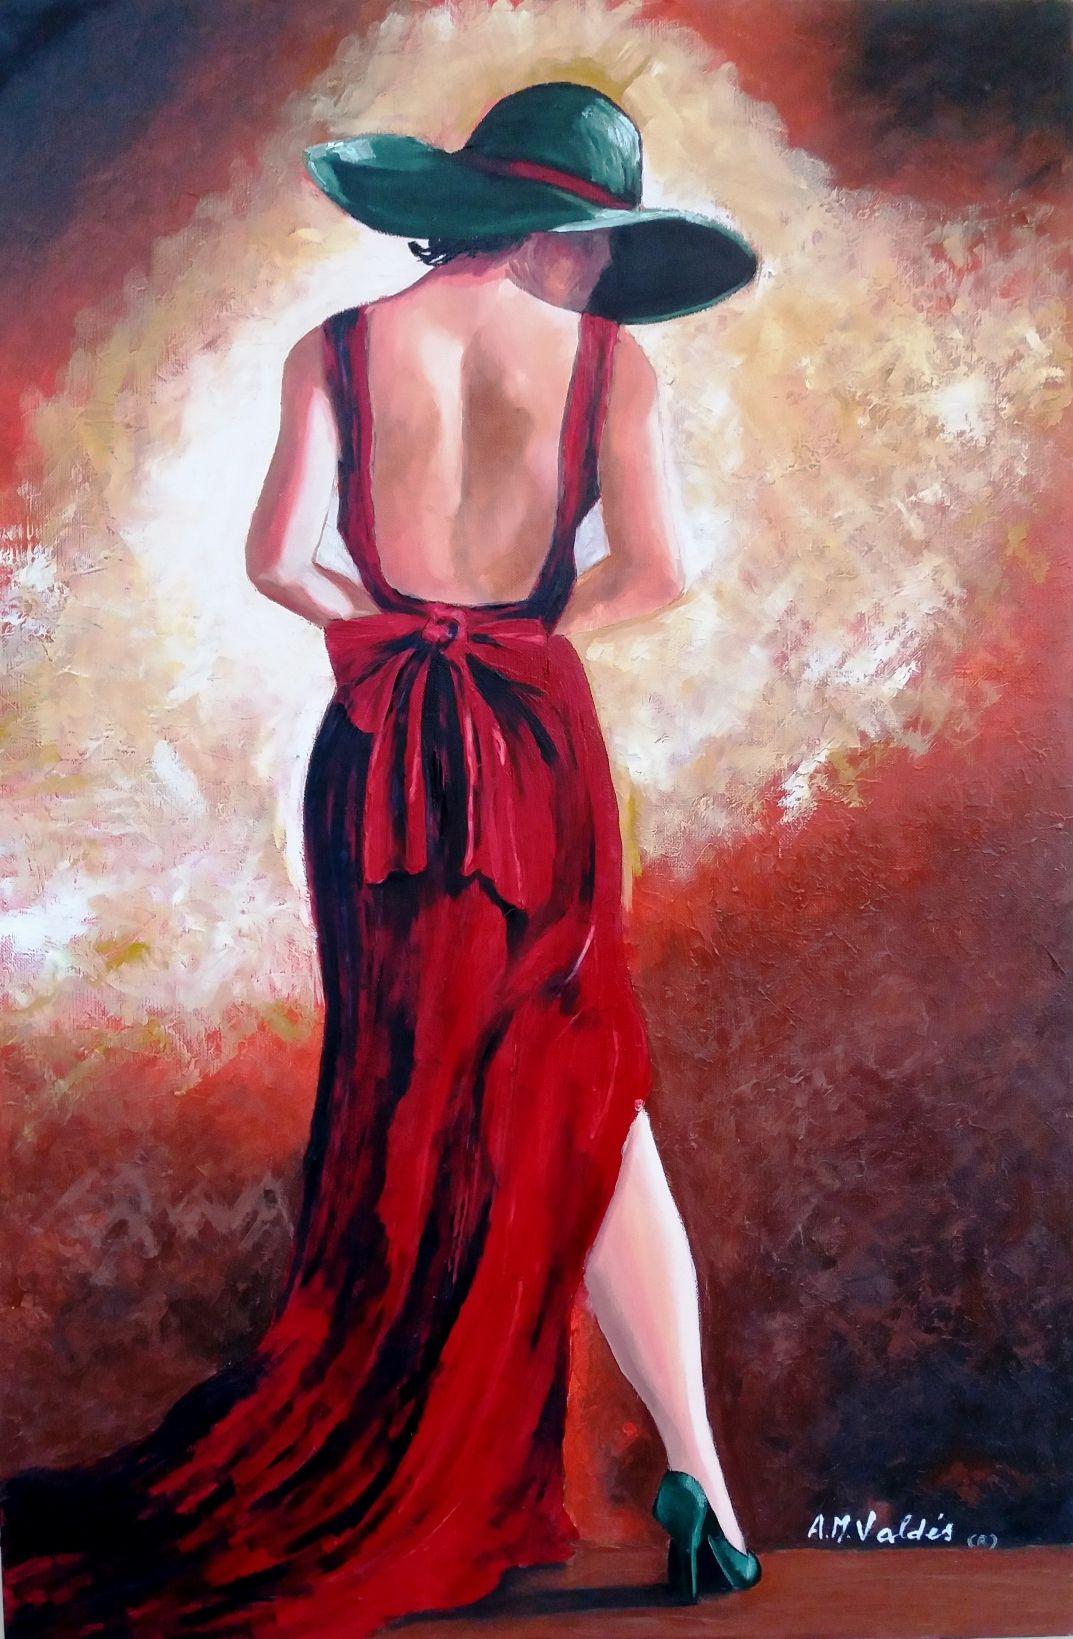 Una mujer vestida de rojo